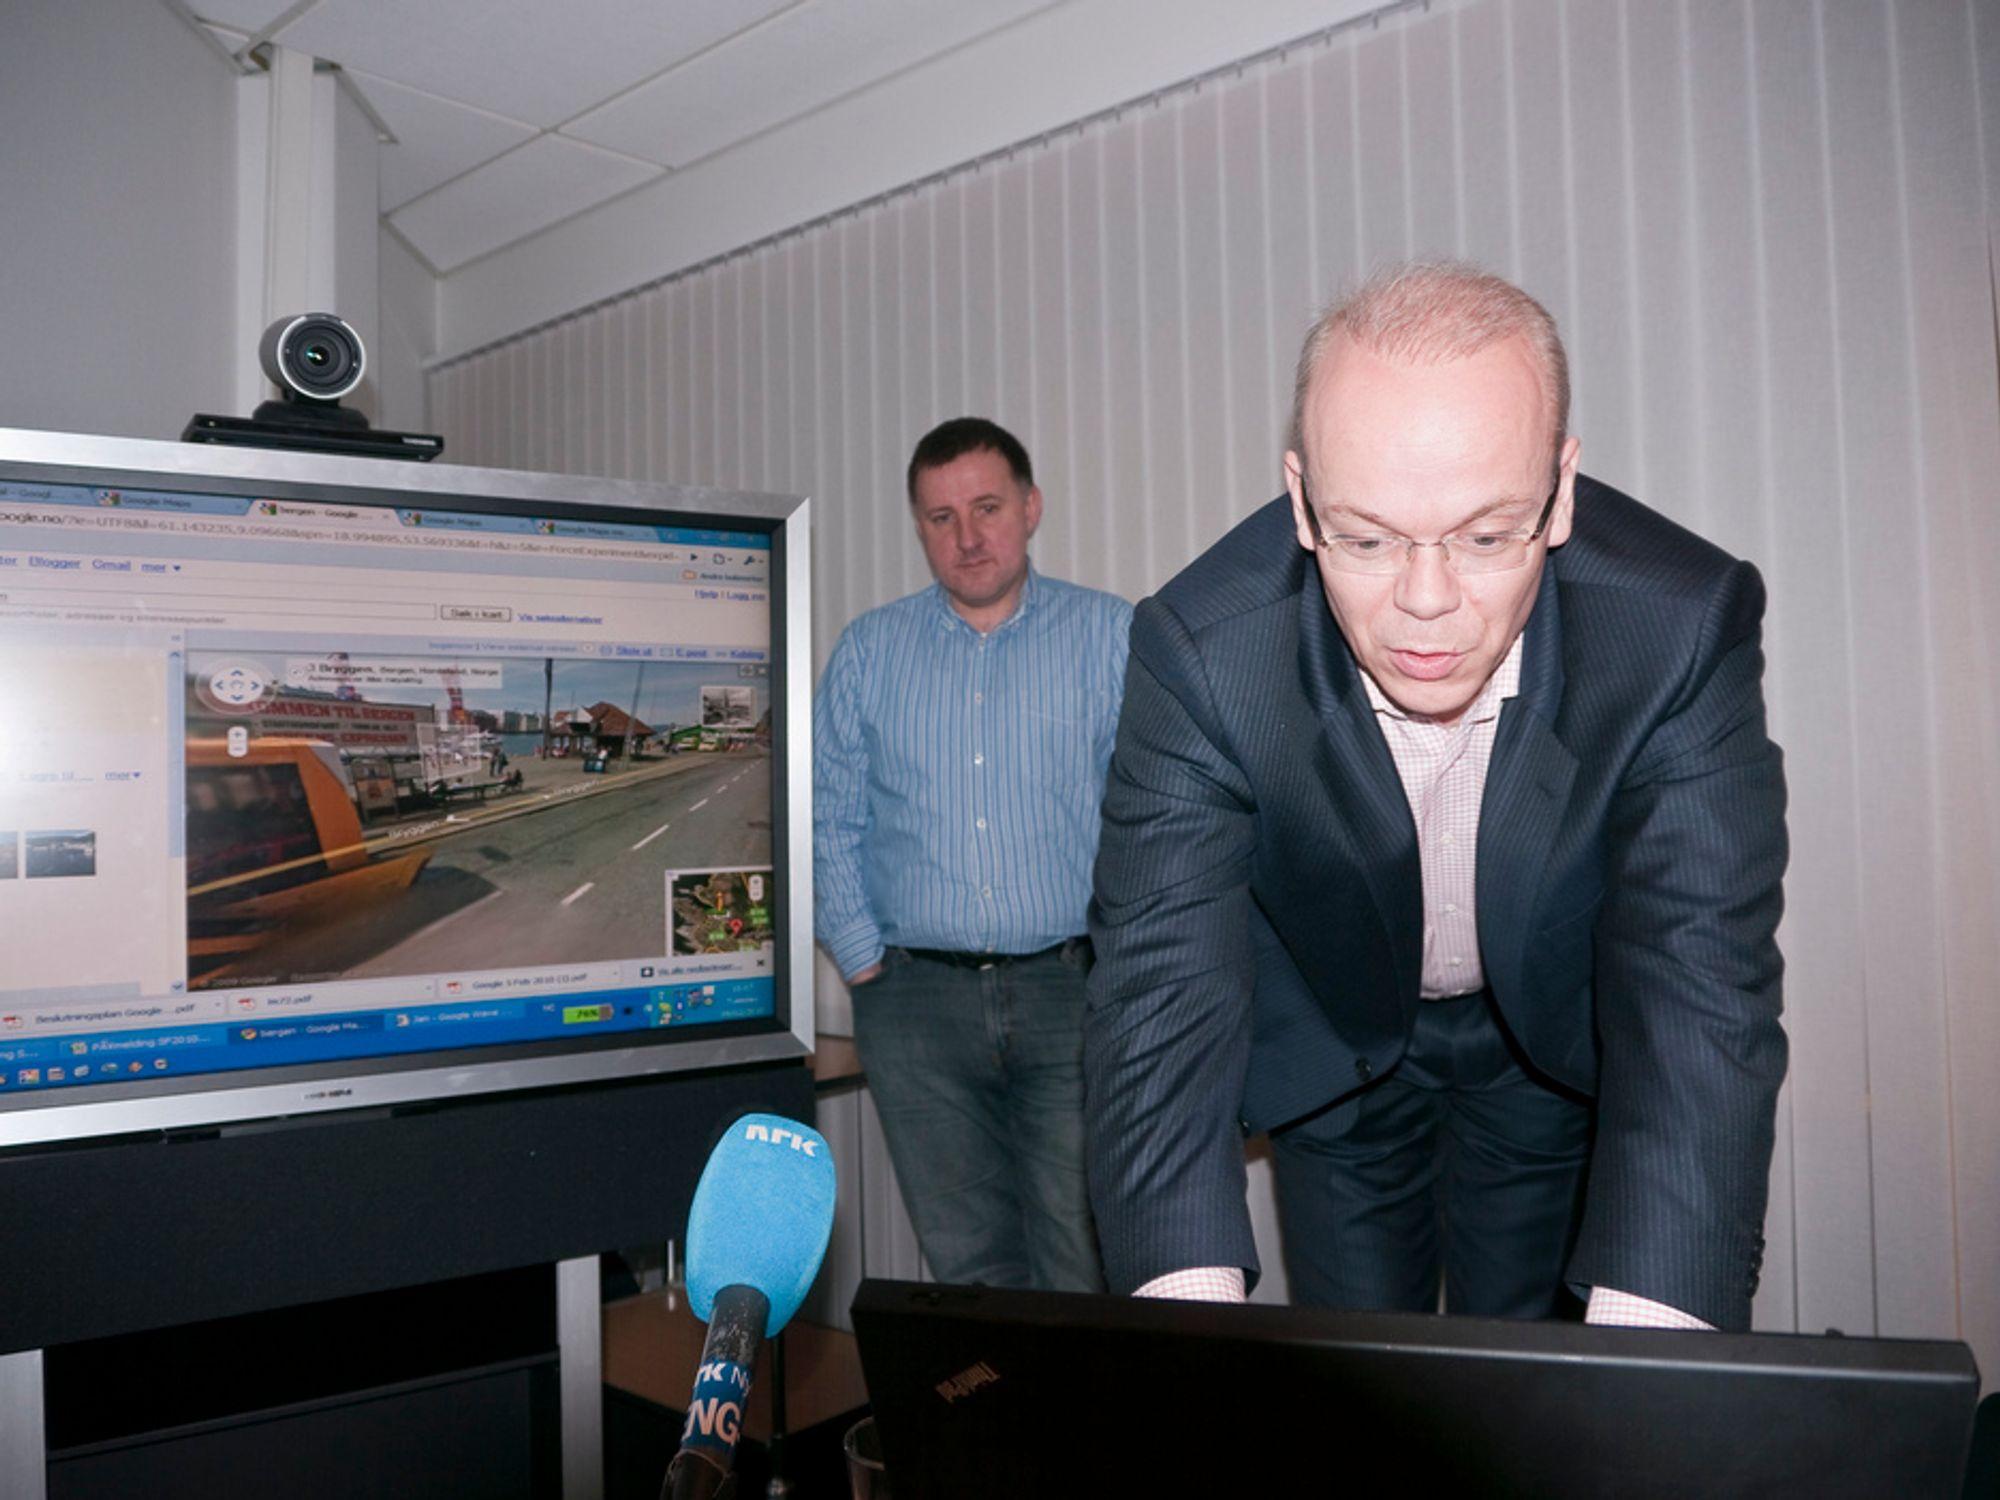 SÅ ENKELT: Googlesjef Jan Grønbeck viser hvor lett det er å bevege seg rundt i gatene eller titte rett inn på bygningene.